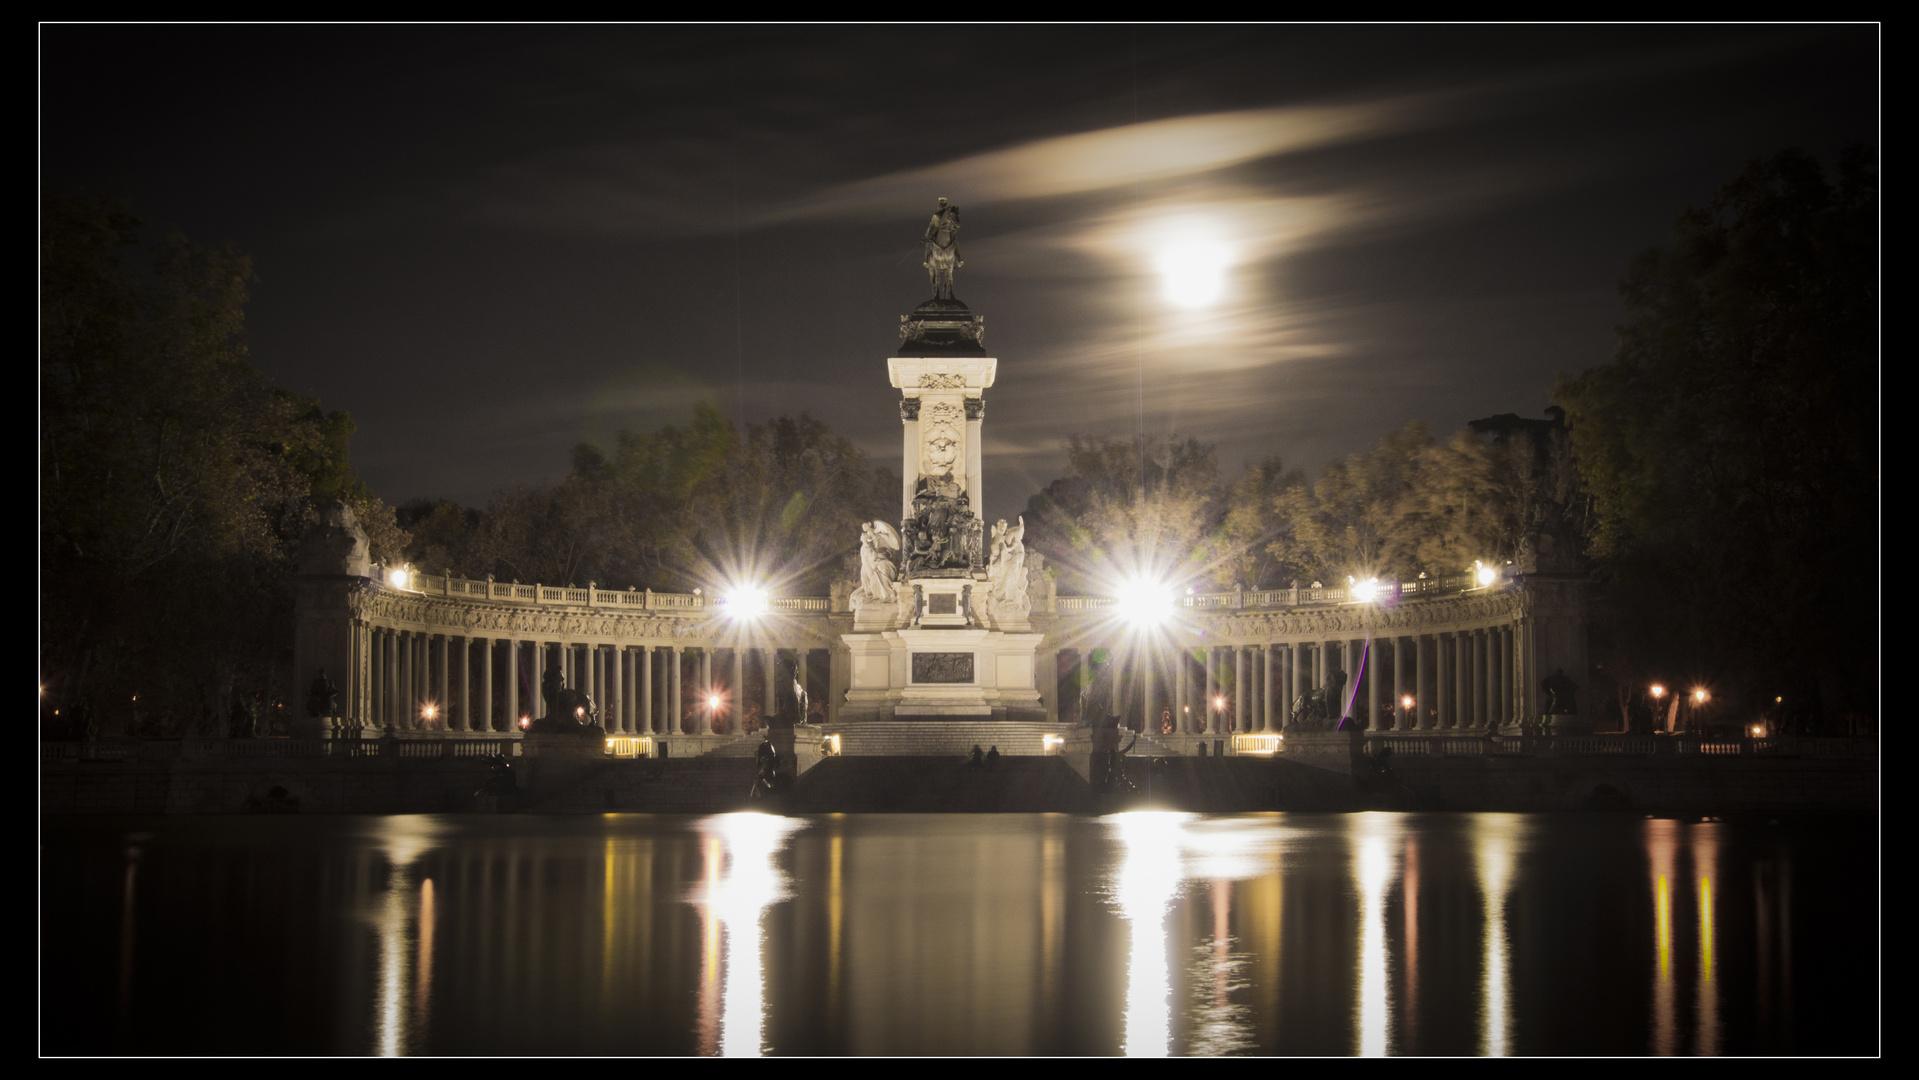 Monumento a Alfonso XII de España